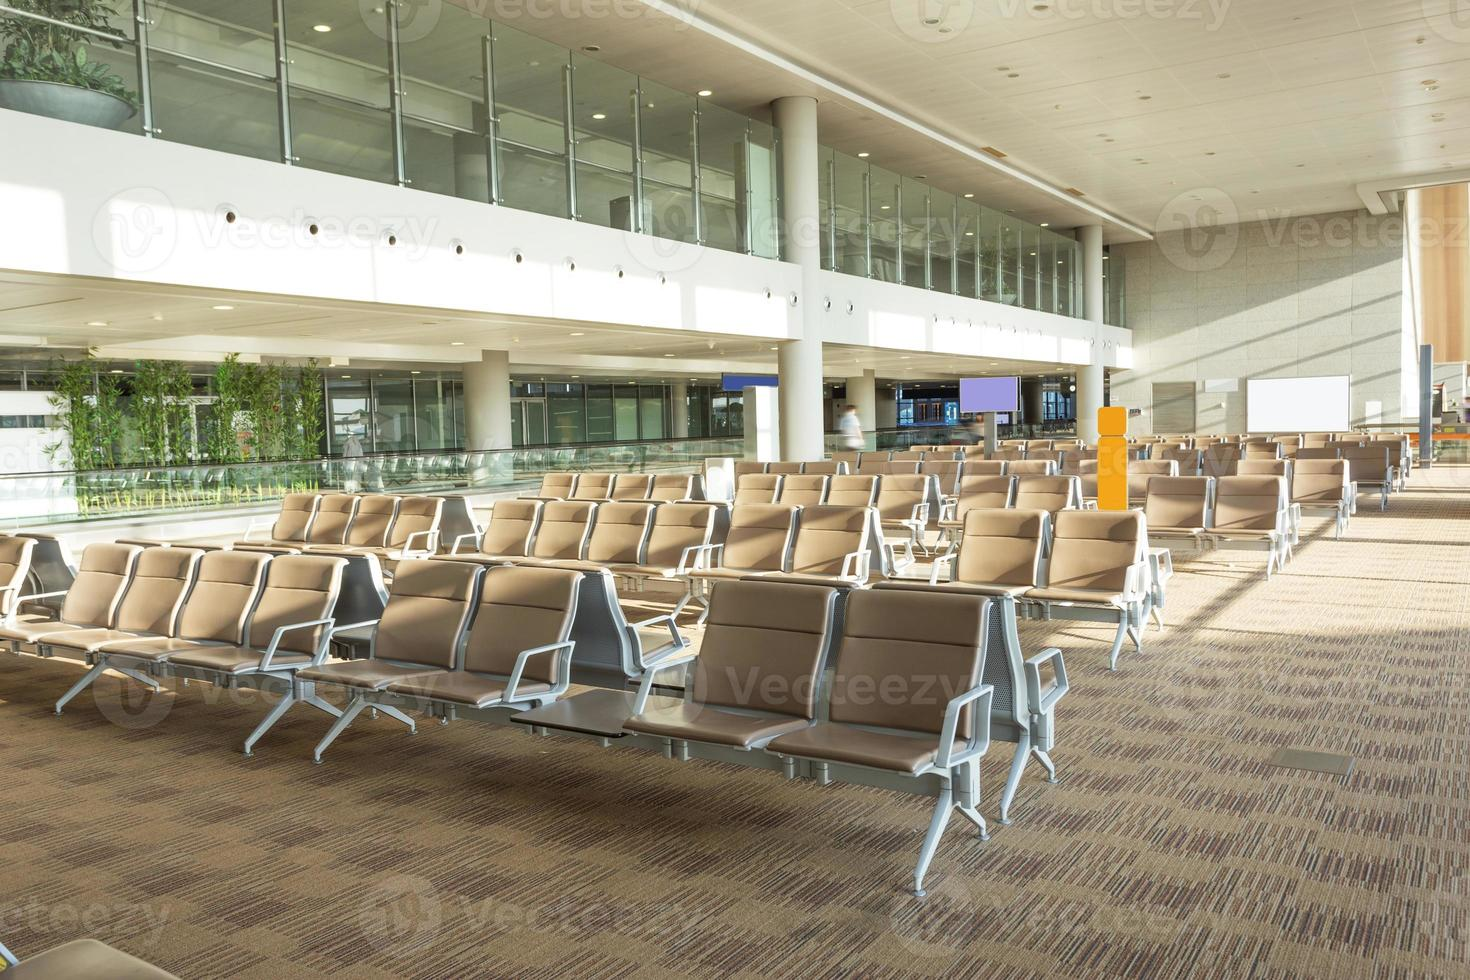 Innenraum der modernen Wartehalle des Flughafens foto